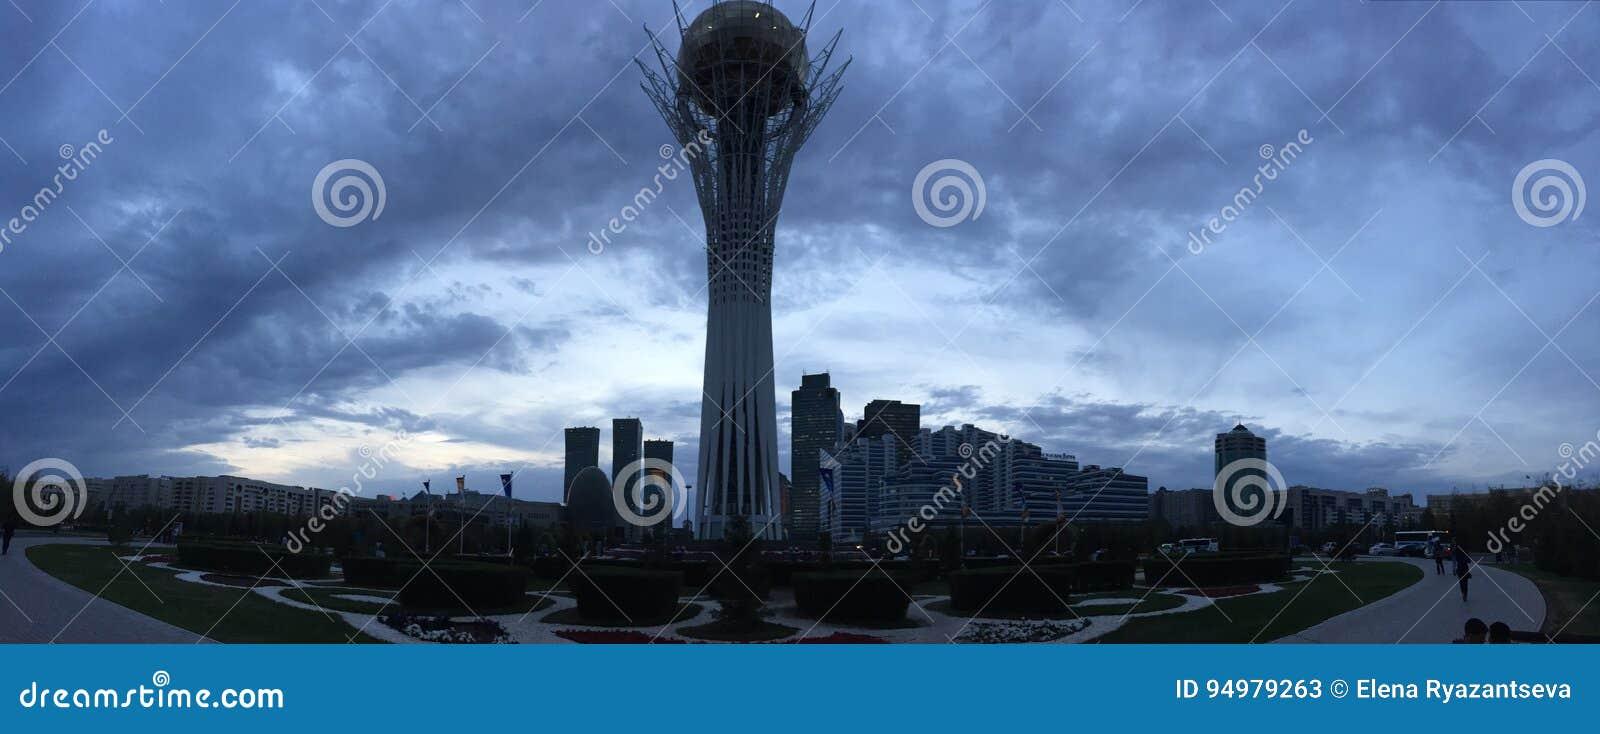 Der Baiterek-Turm